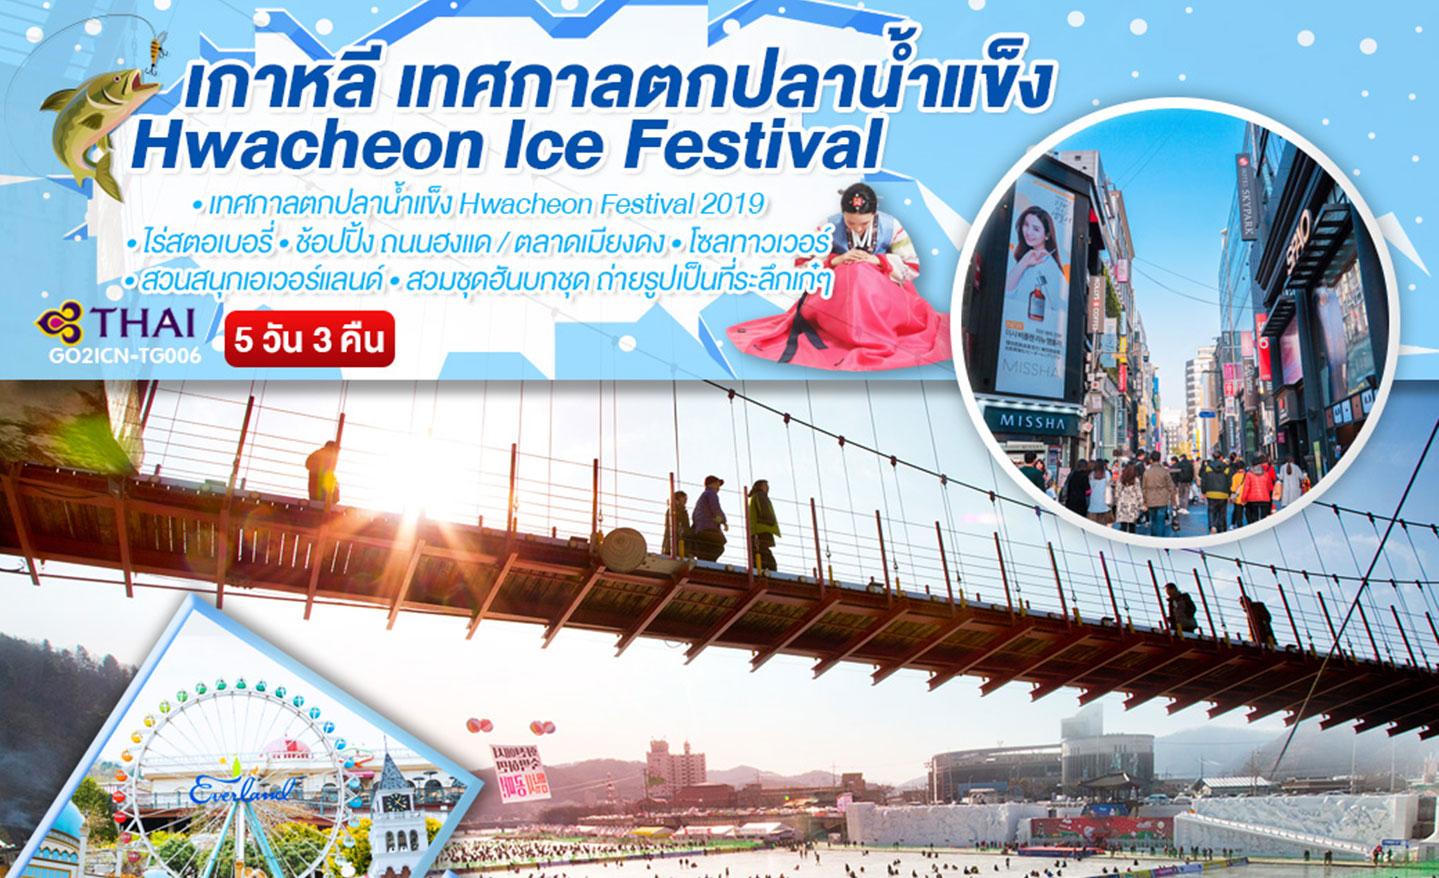 ทัวร์เกาหลี Hwacheon Ice Festival TG (ม.ค.62)